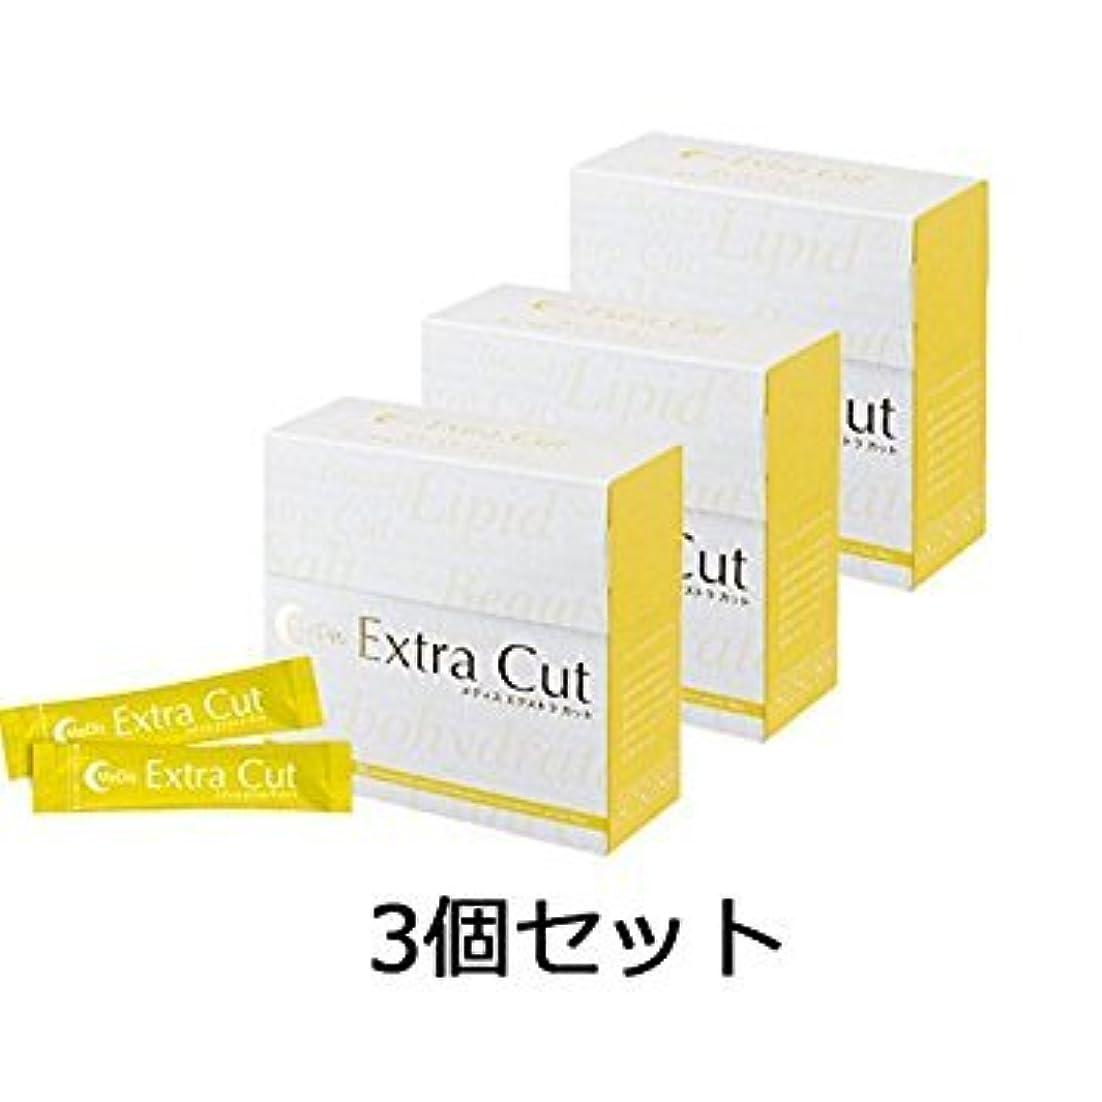 酒緑スライムメディス エクストラカット 90g (3g×30包) × 3個セット